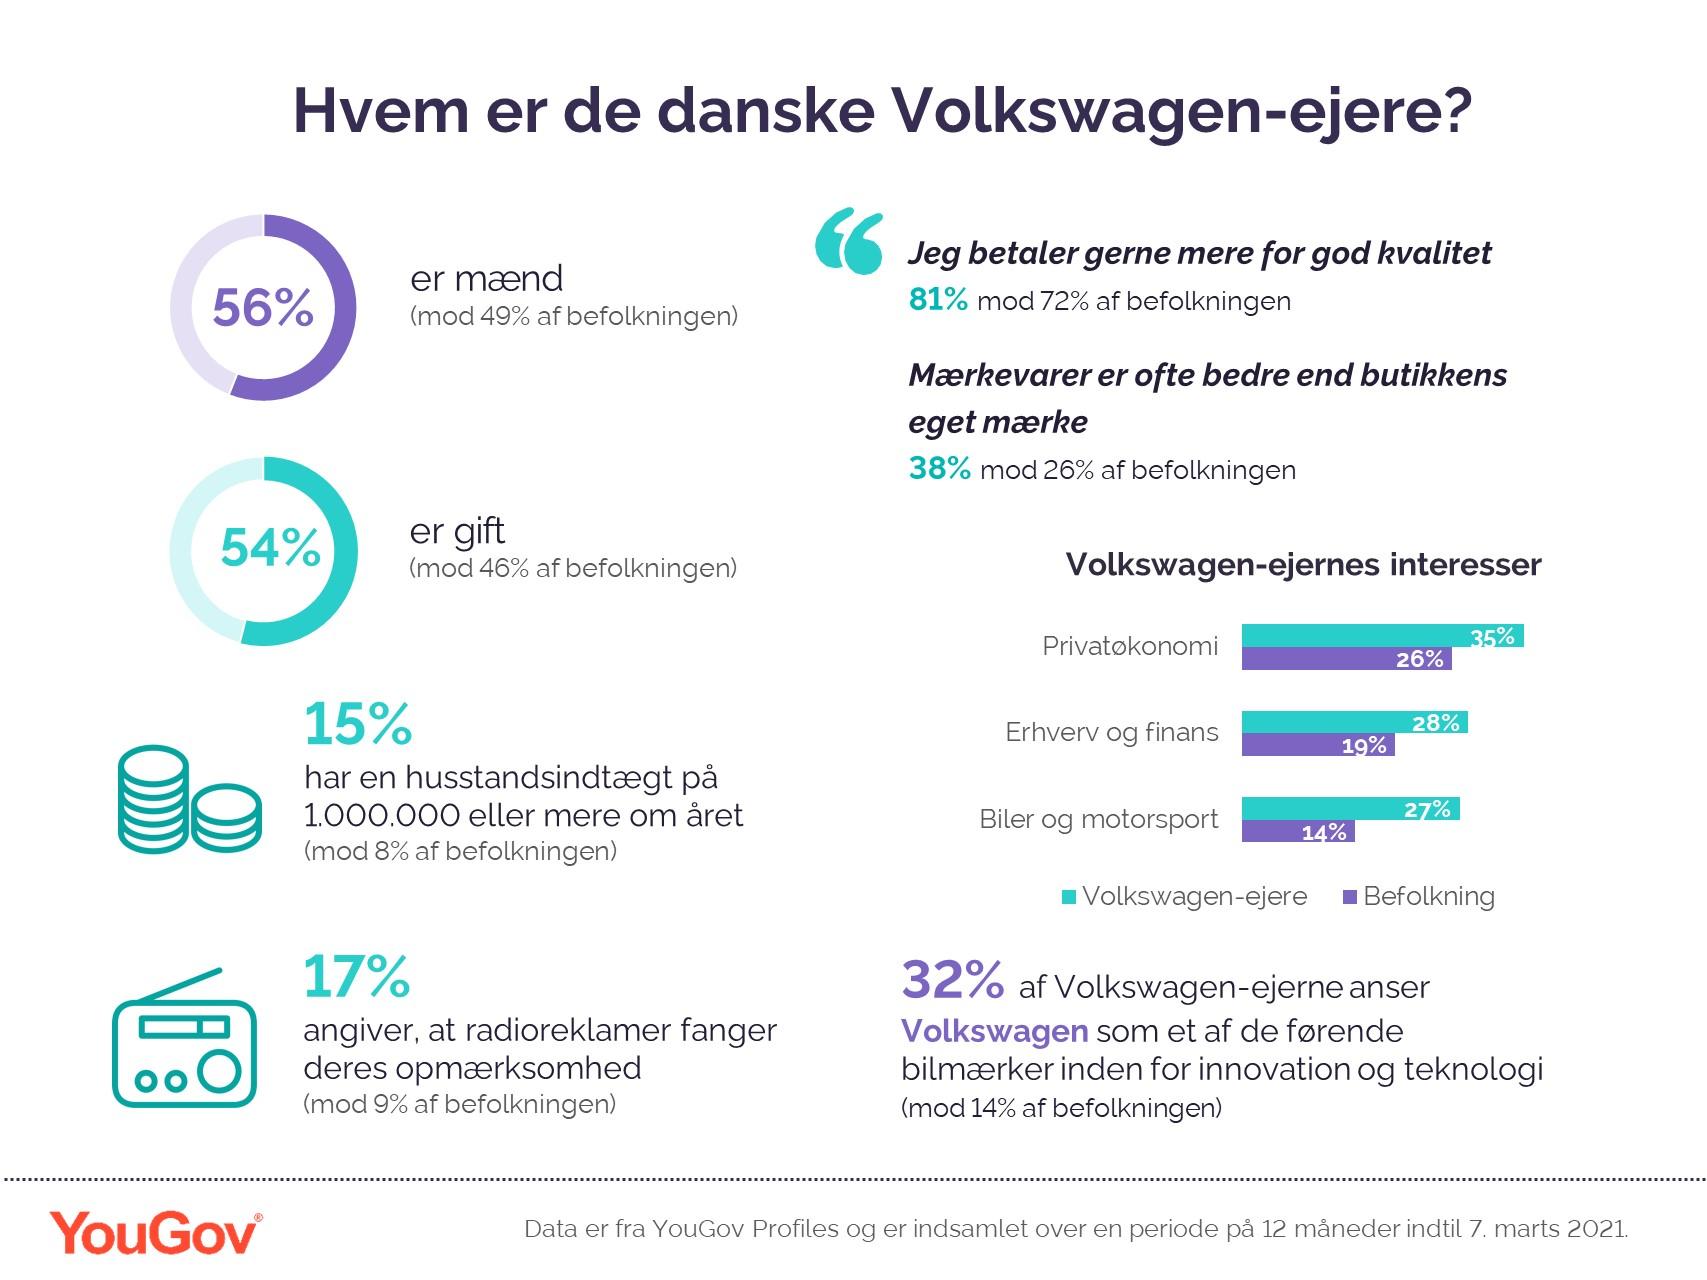 Hvem er den typiske Volkswagen-ejer?